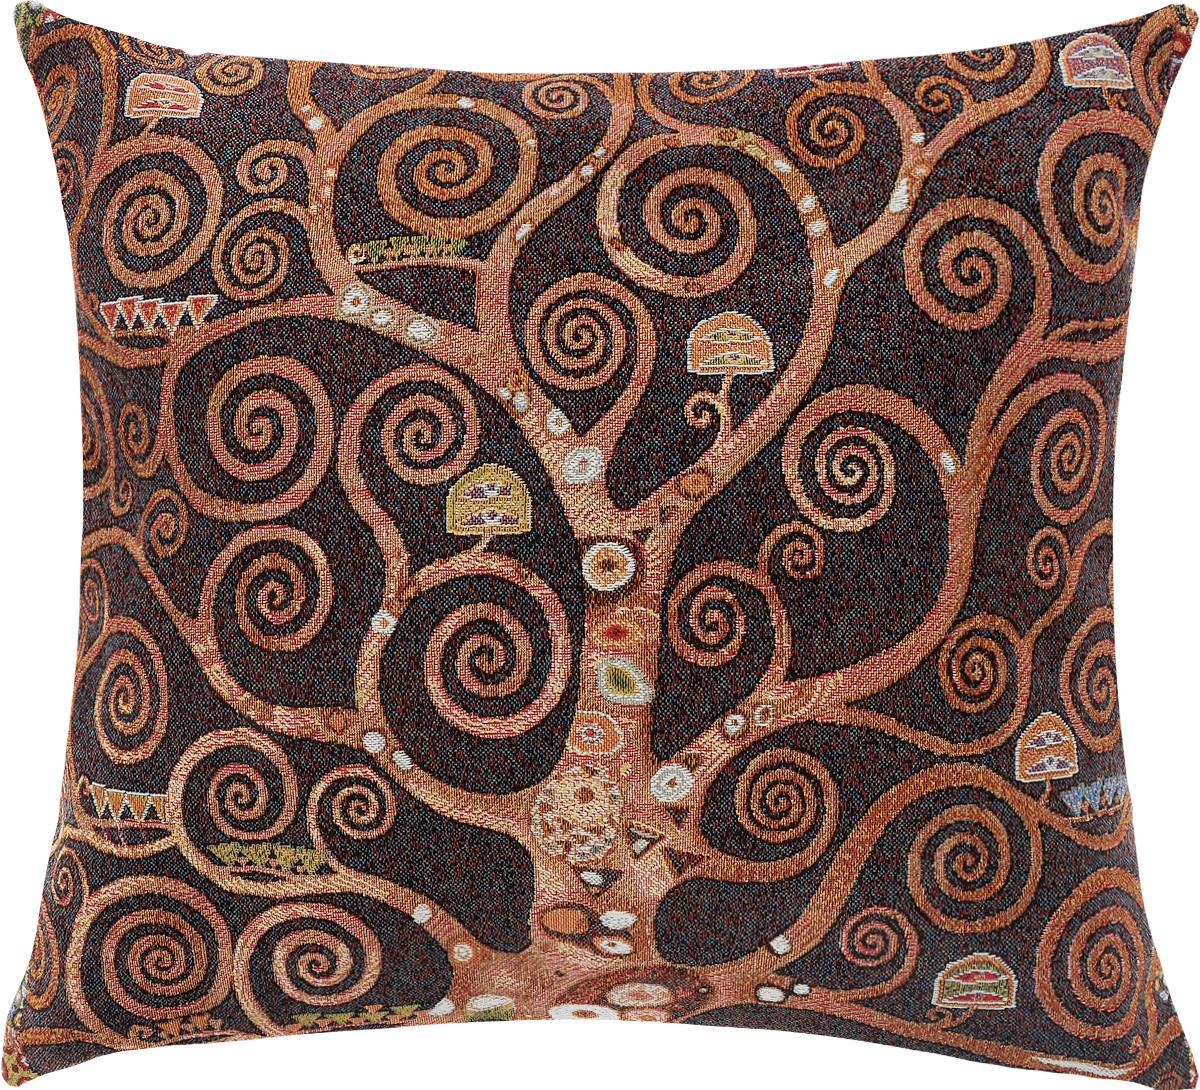 Подушка декоративная Рапира Древо, 45 х 50 см531-105Декоративная подушка Рапира Древо изготовлена из 50% хлопка и 50% полиэфира. Изделие очень прочное и нежное на ощупь. Лицевая сторона подушки декорирована красочным гобеленовым рисунком, а оборотная сторона - однотонная ткань, похожая на плюш. Чехол подушки снабжен удобной молнией. Подушка Рапира Древо станет приятным дополнением к интерьеру любой комнаты.Размер подушки: 45 х 50 см.